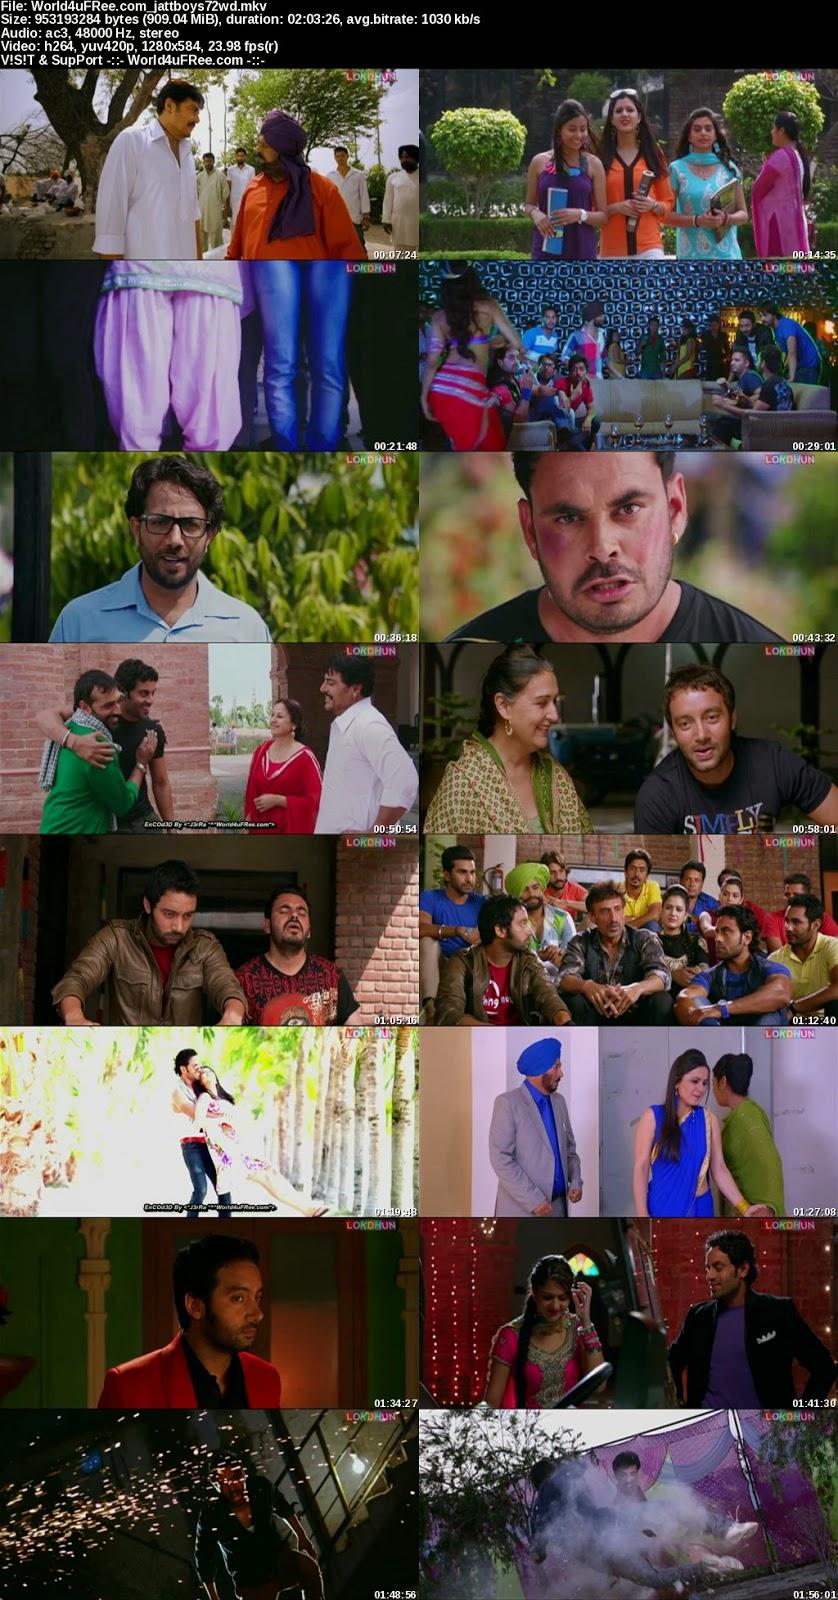 Download Jatt Boys Putt Jattan De 2013 Punjabi 720p Rip World4ufree Org